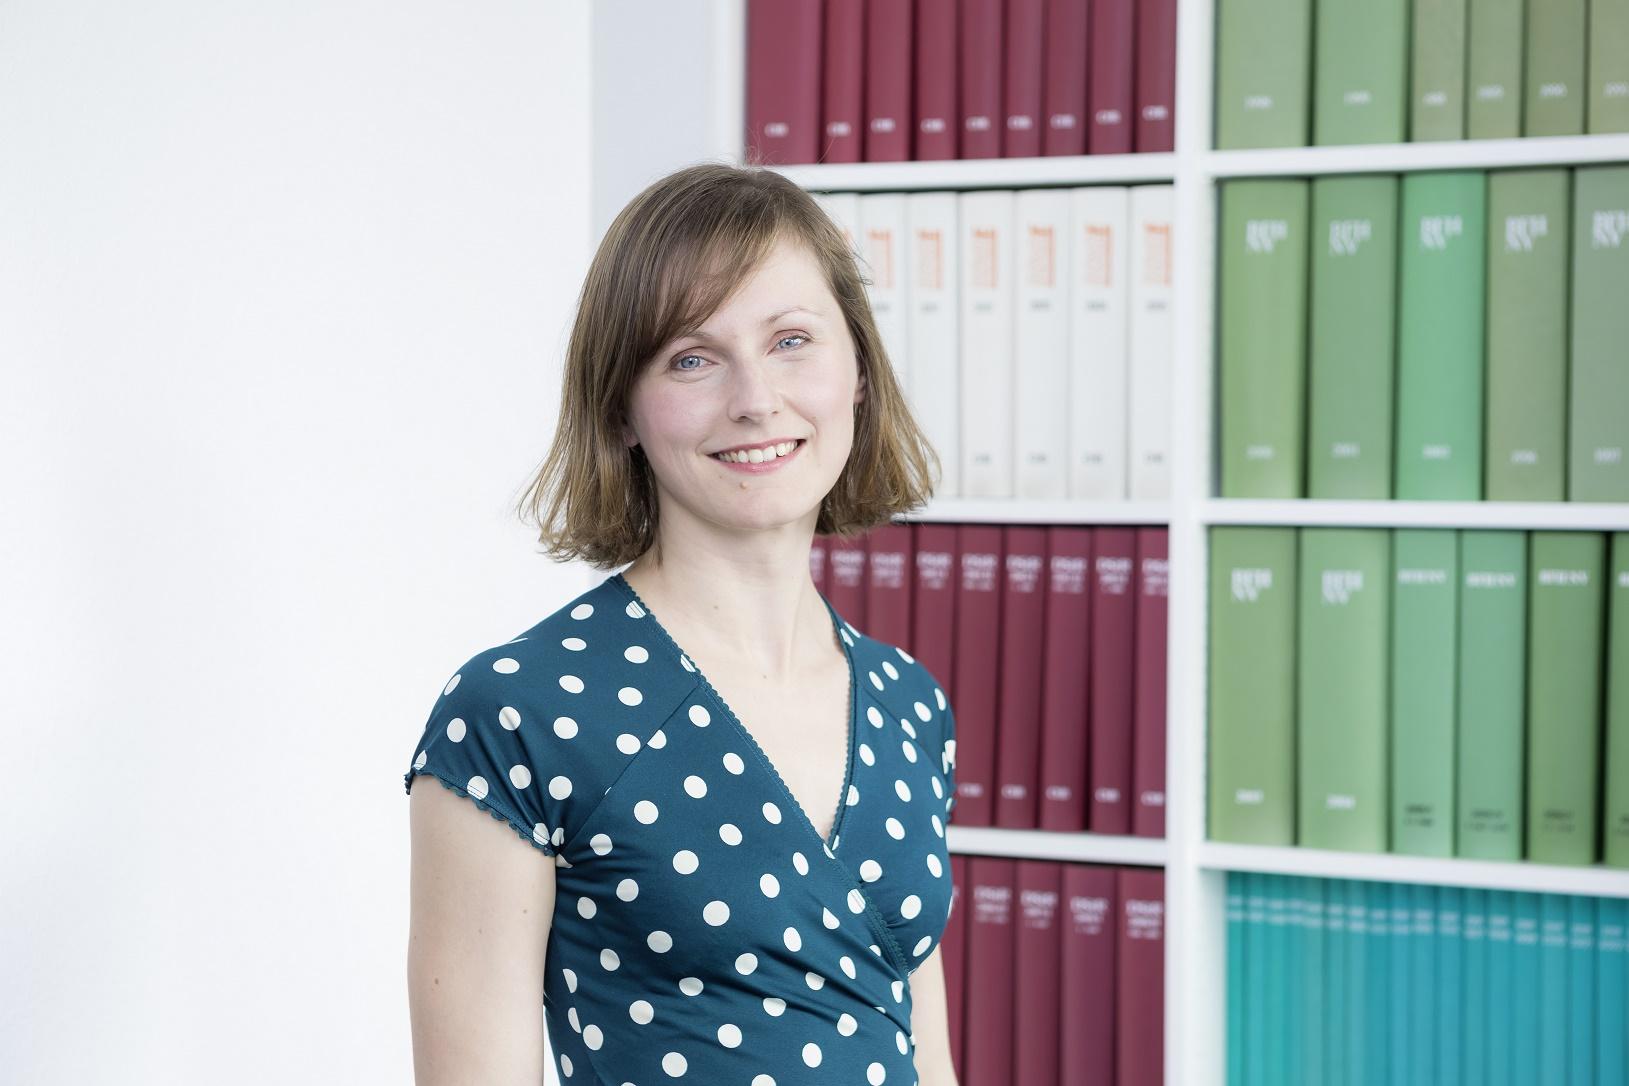 Stefanie Klähn